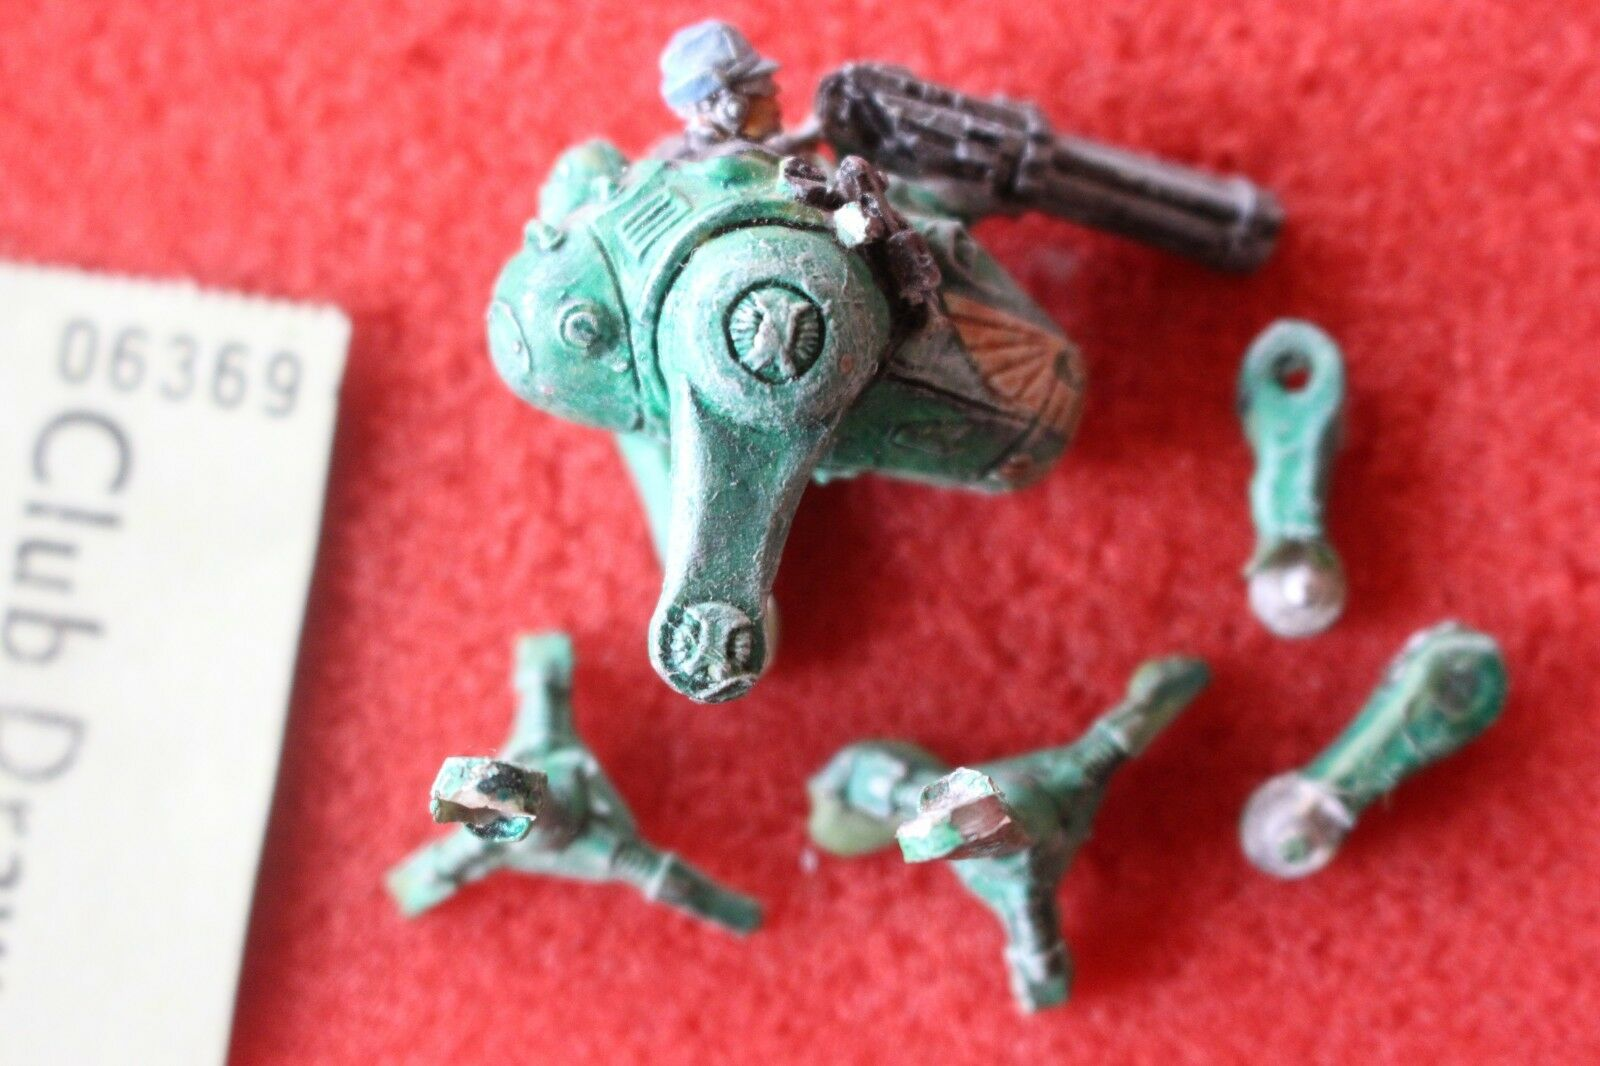 Games Workshop Warhammer 40k Sentinel Egg Walker Imperial Guards Rogue Trader B2